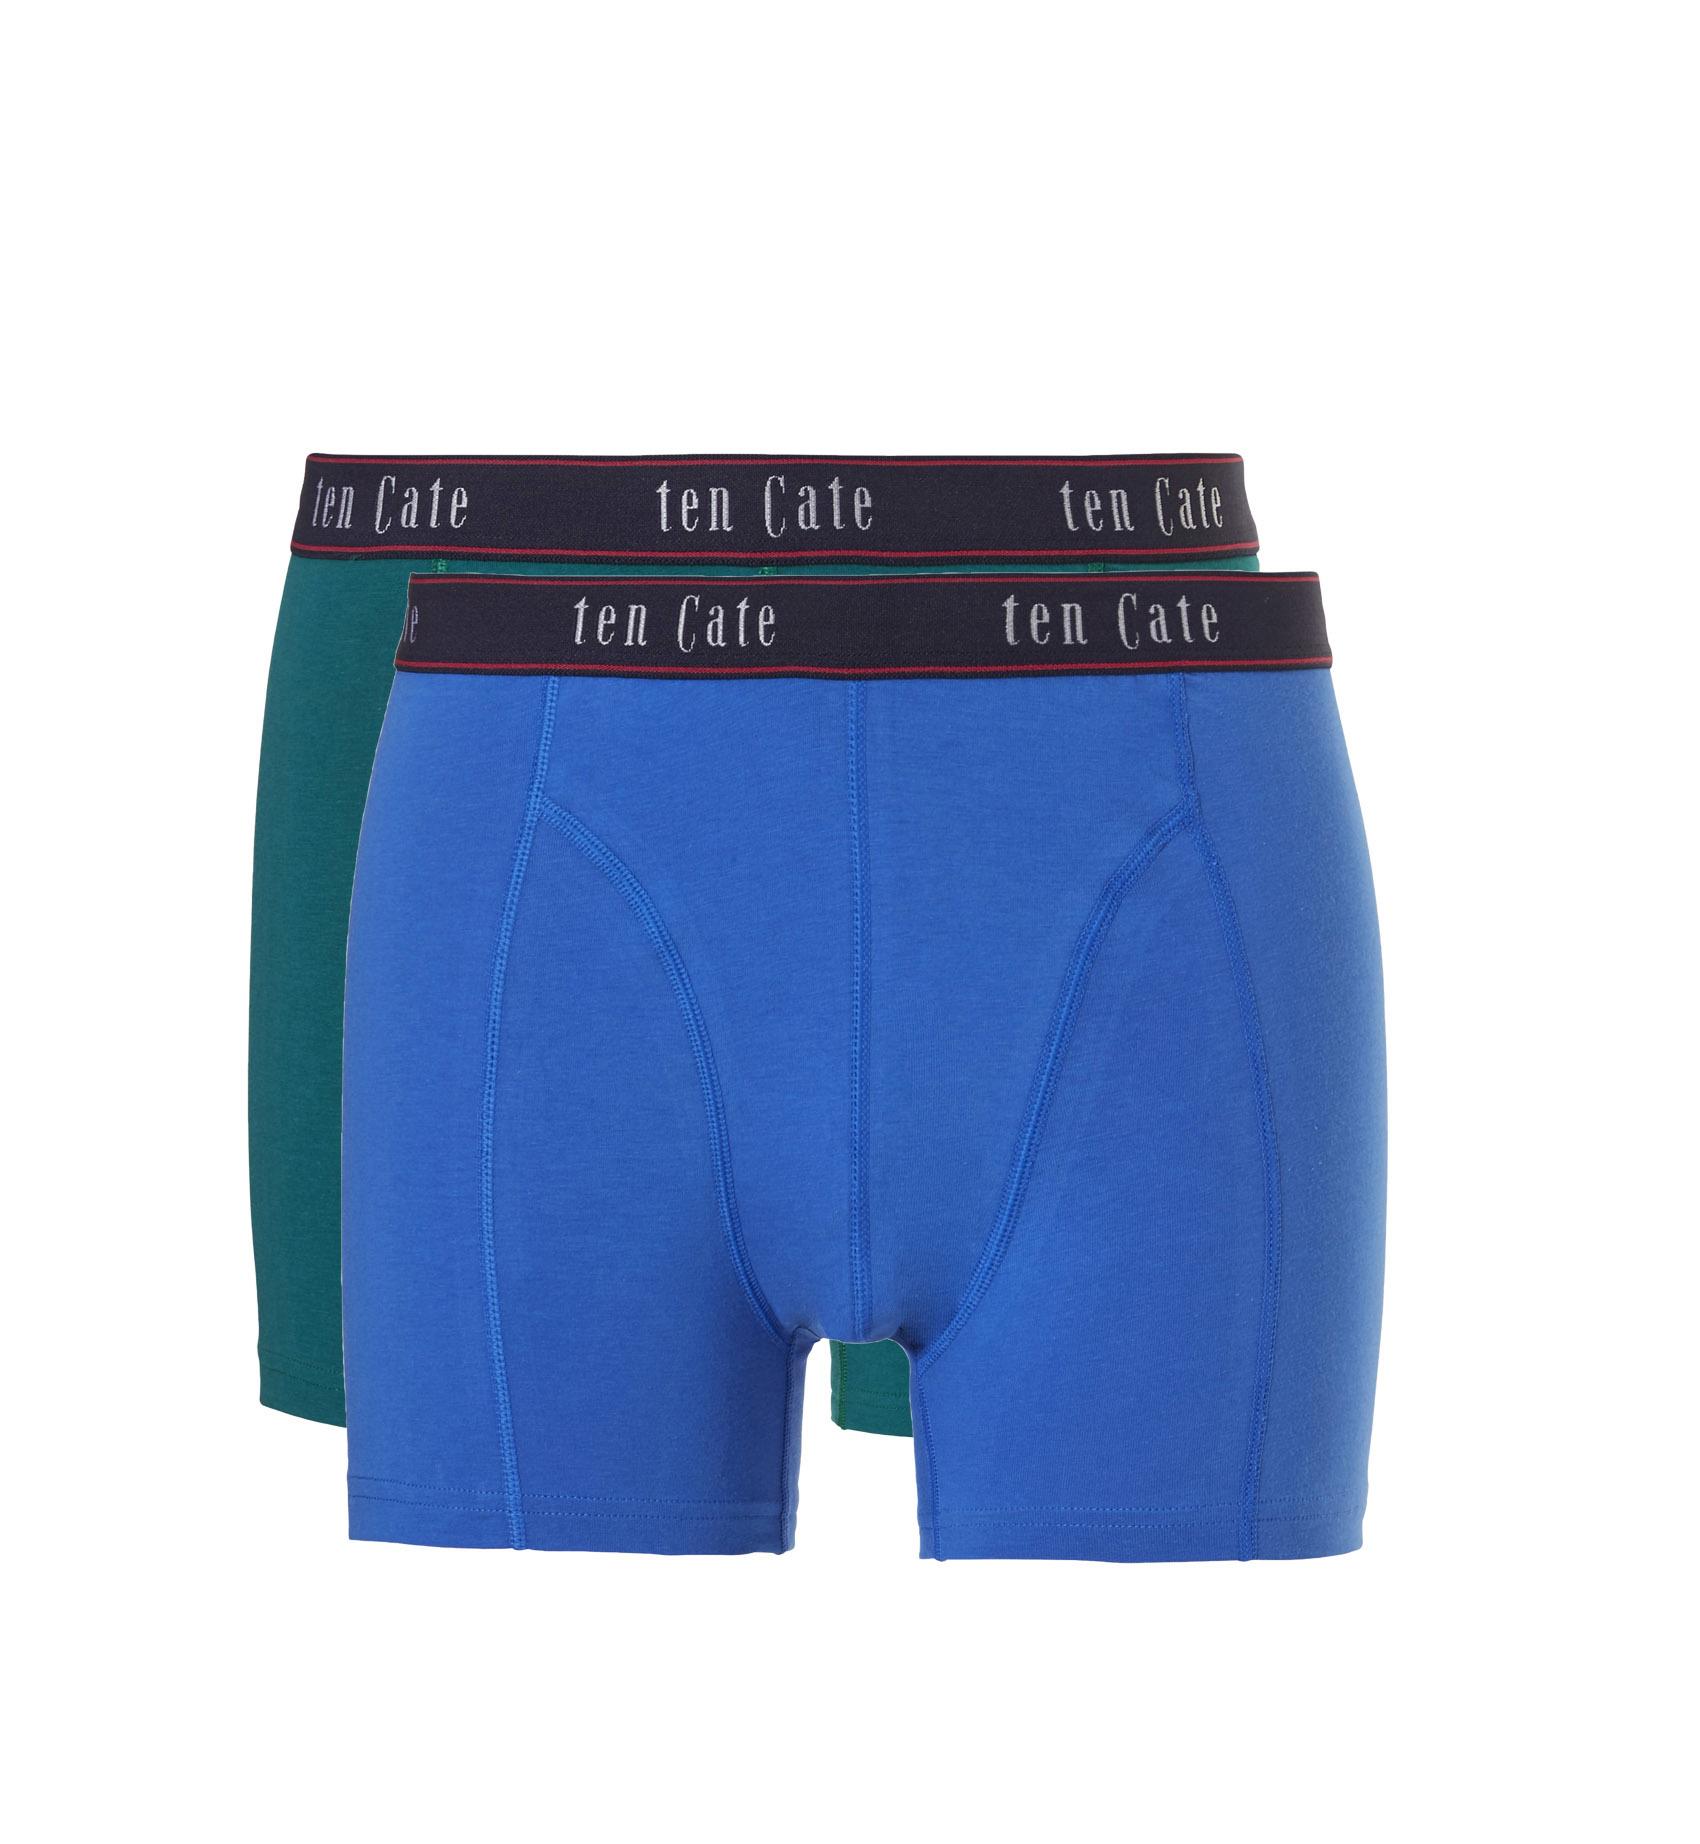 Ten Cate Fine Heren boxershort Green 2-Pack